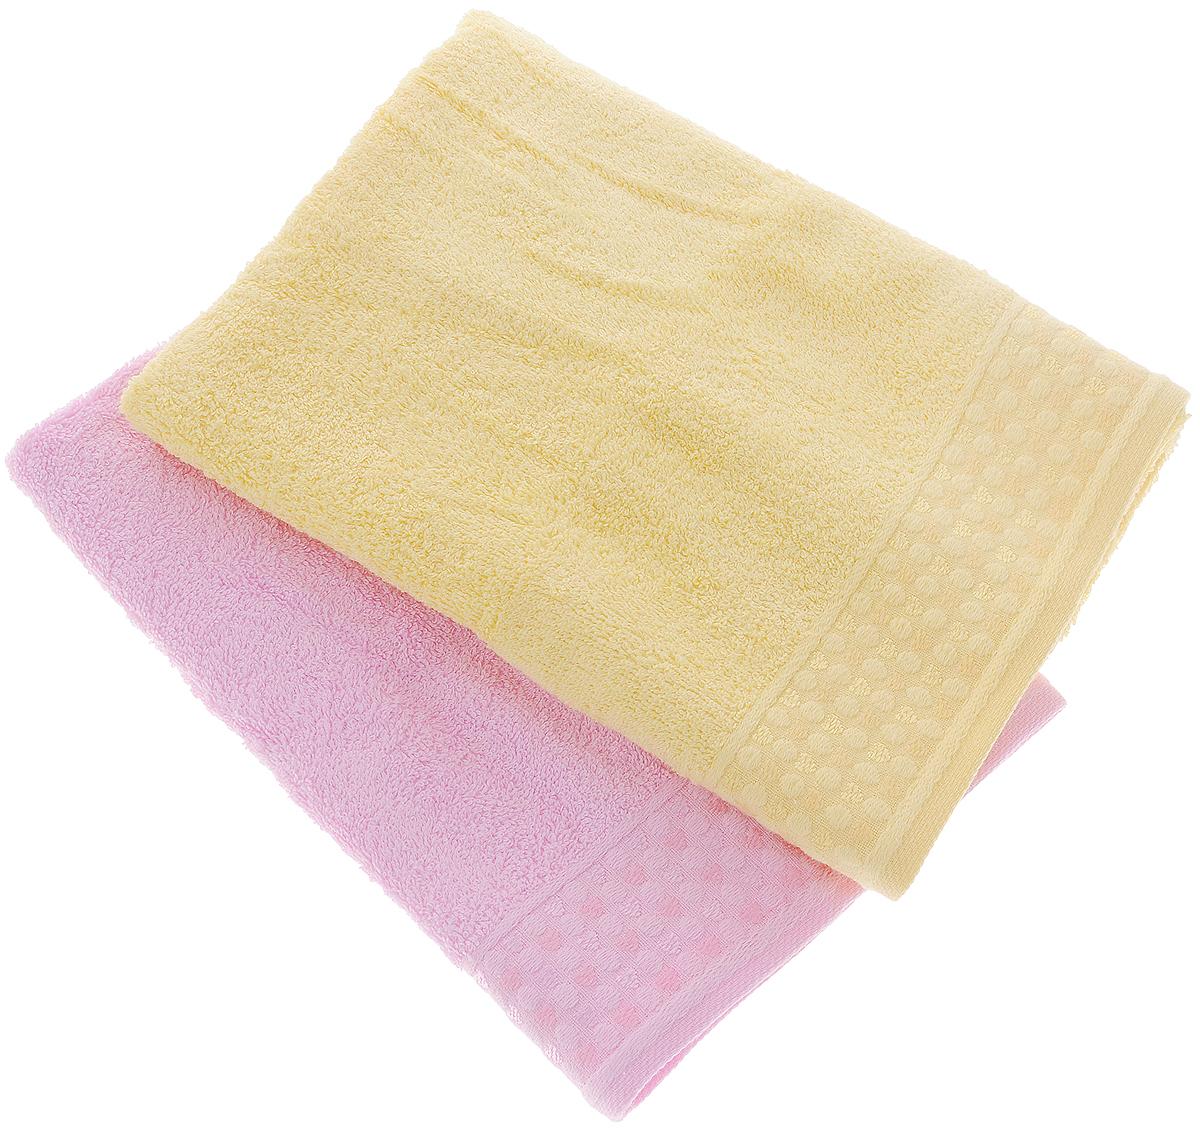 Набор полотенец Tete-a-Tete Сердечки, цвет: розовый, желтый, 50 х 90 см, 2 штУНП-107-05-2кНабор Tete-a-Tete Сердечки состоит из двух махровых полотенец, выполненных из натурального 100% хлопка. Бордюр полотенец декорирован рисунком сердечек. Изделия мягкие, отлично впитывают влагу, быстро сохнут, сохраняют яркость цвета и не теряют форму даже после многократных стирок. Полотенца Tete-a-Tete Сердечки очень практичны и неприхотливы в уходе. Они легко впишутся в любой интерьер благодаря своей нежной цветовой гамме. Набор упакован в красивую коробку и может послужить отличной идеей для подарка.Размер полотенец: 50 х 90 см.